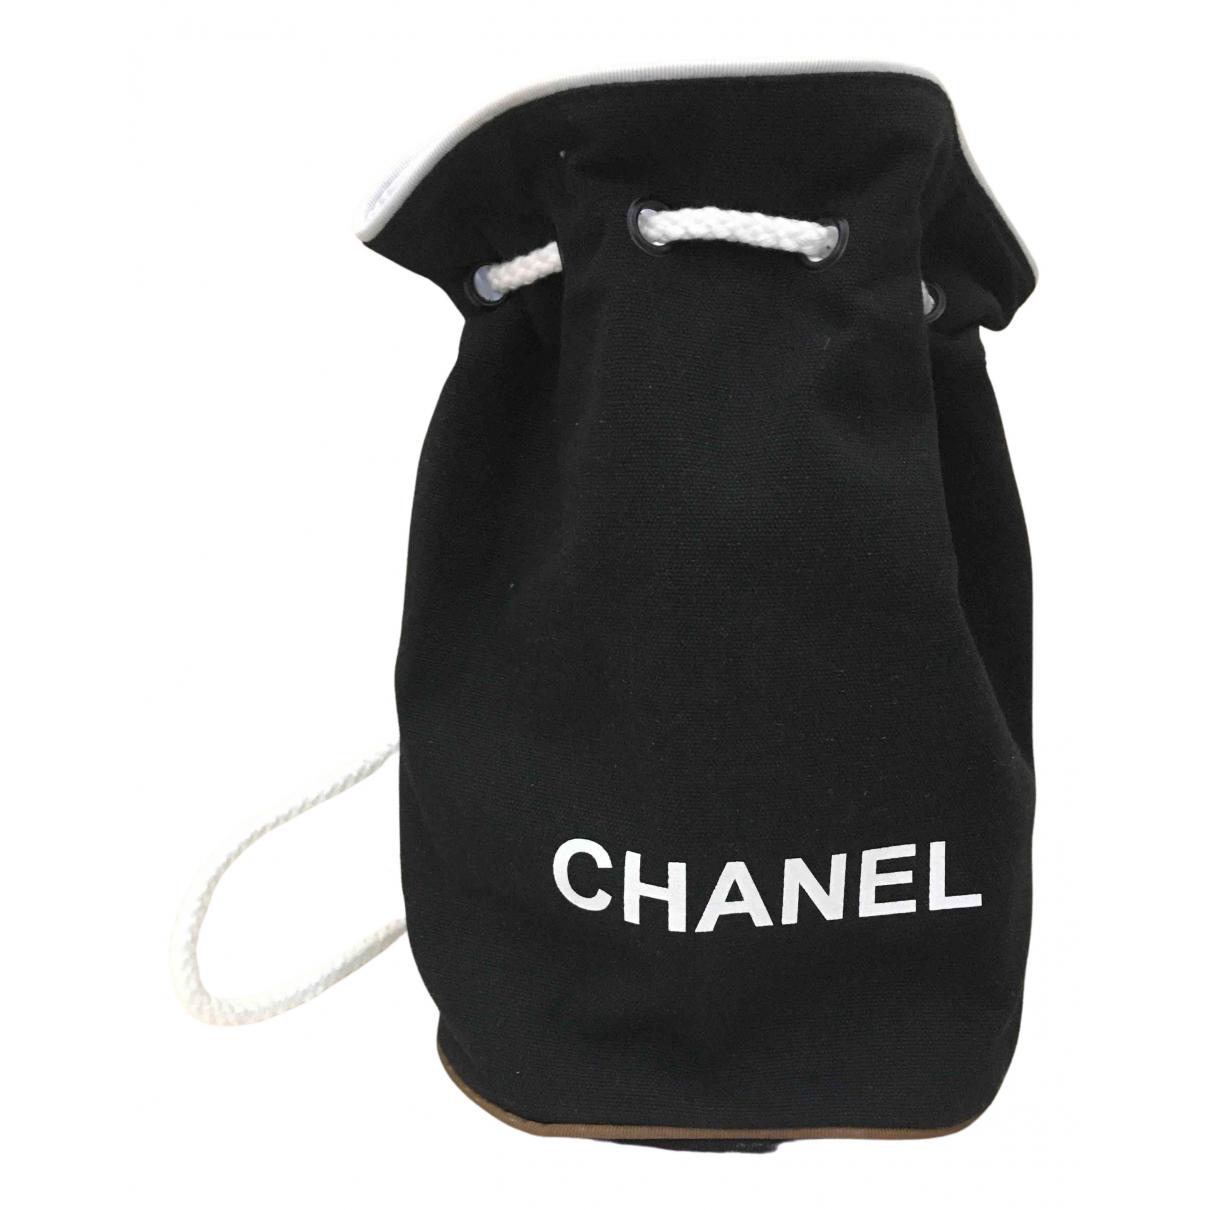 Mochila de Lona Chanel